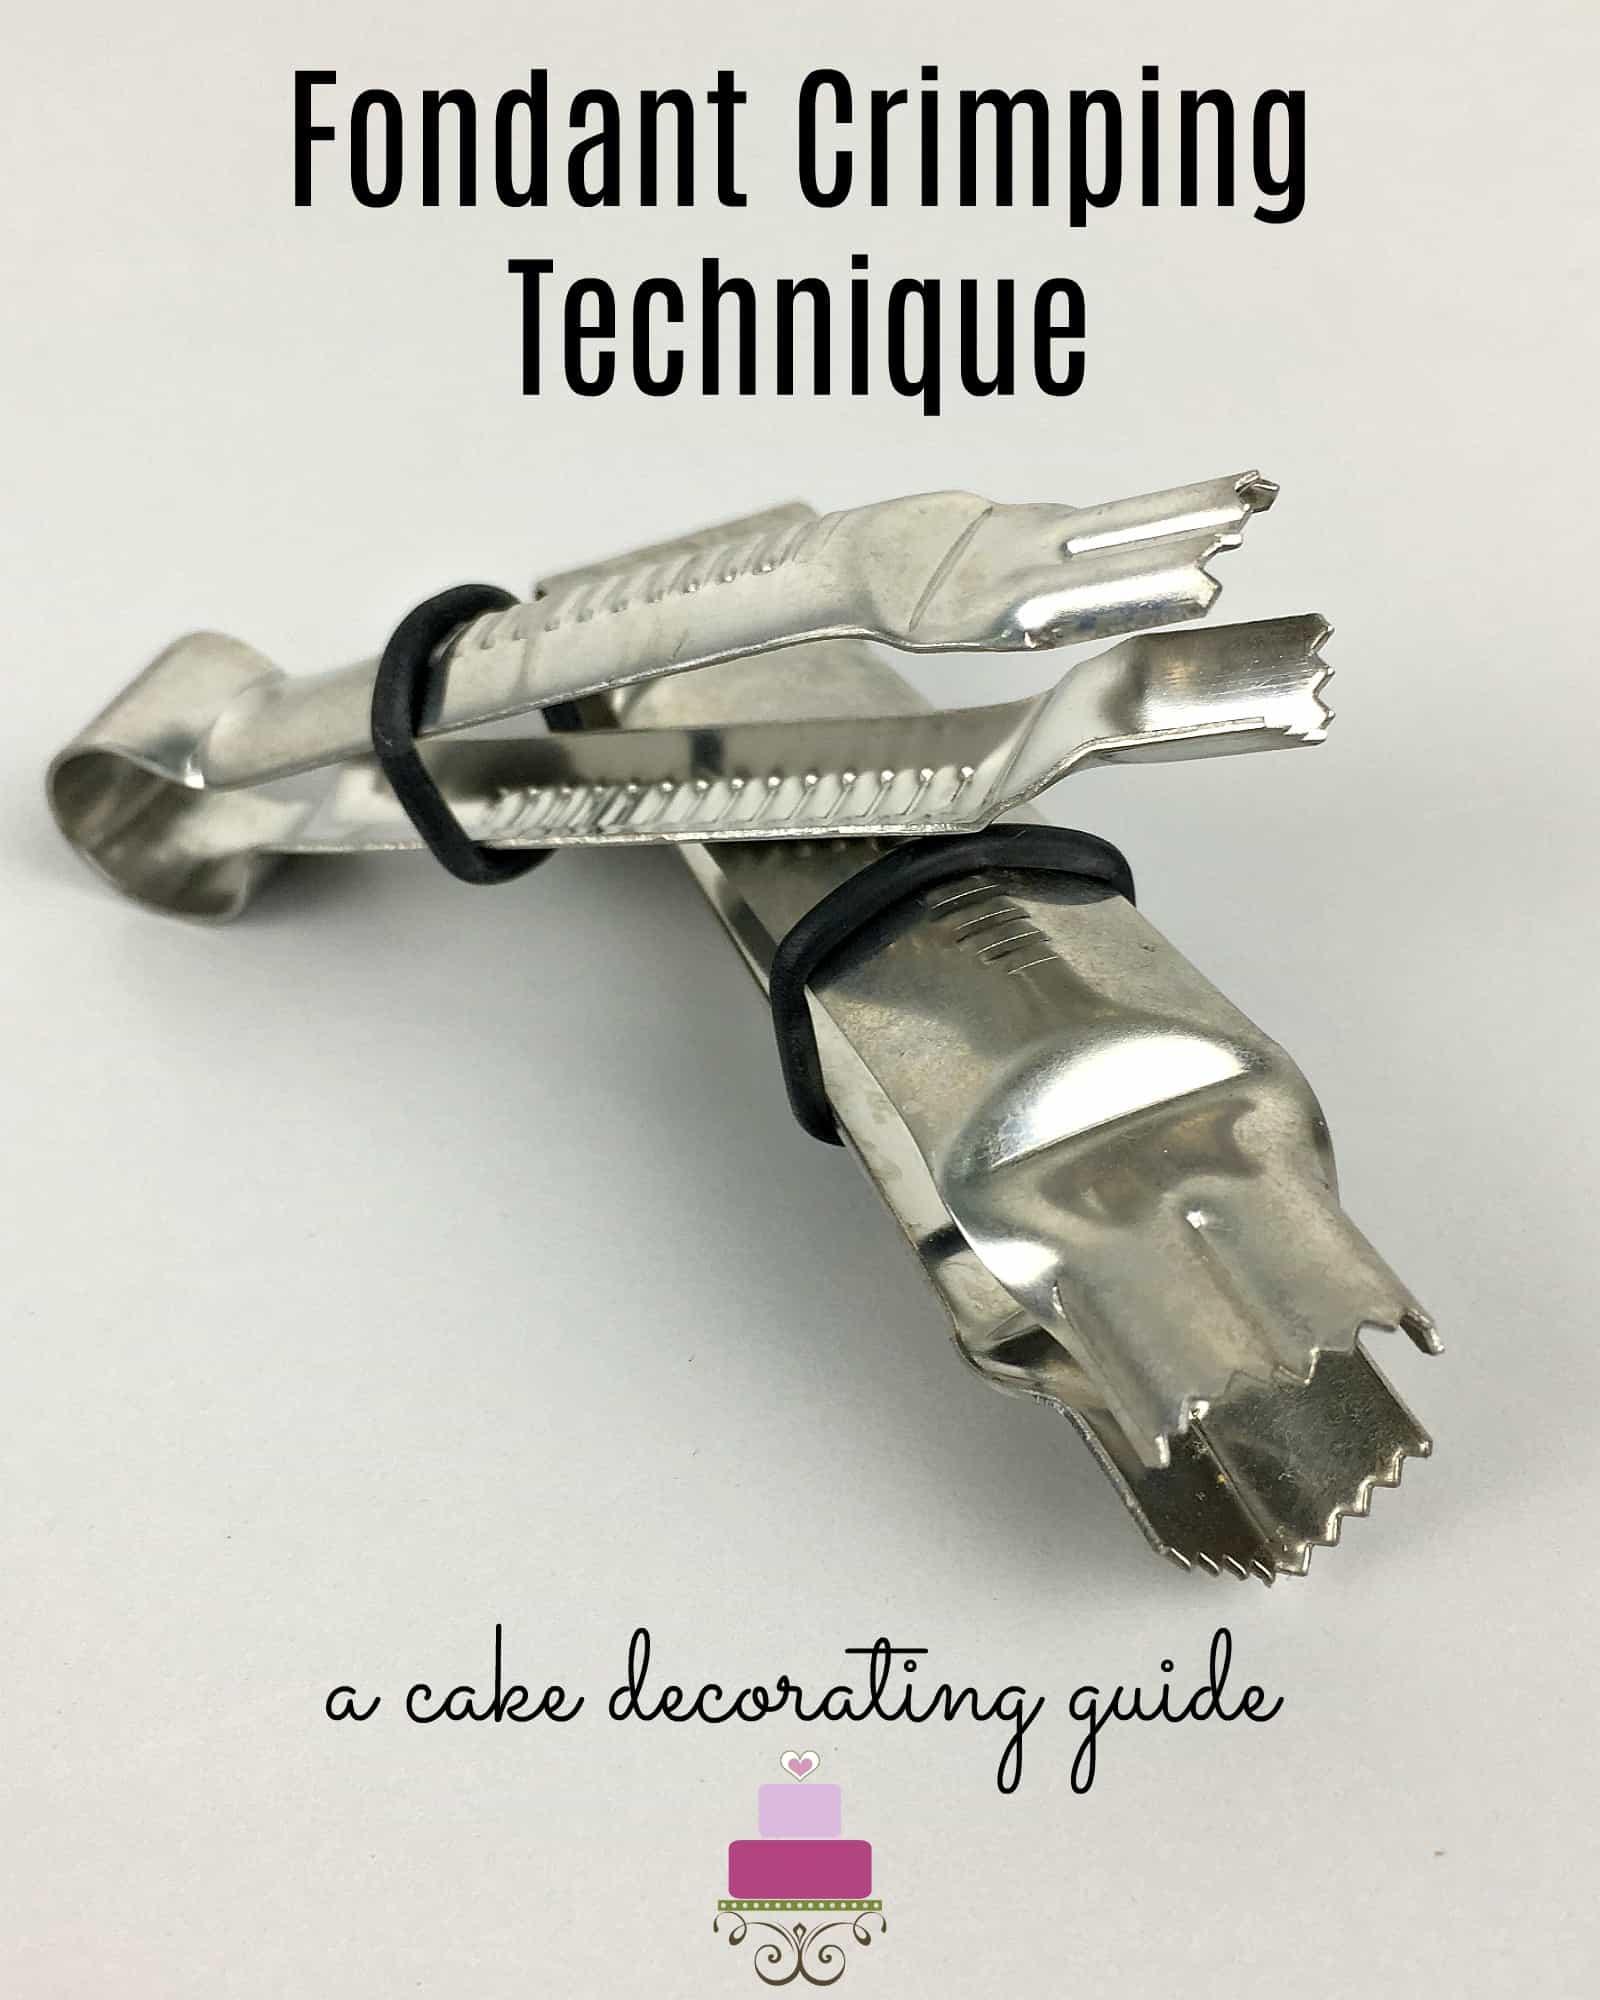 Fondant crimper tools poster